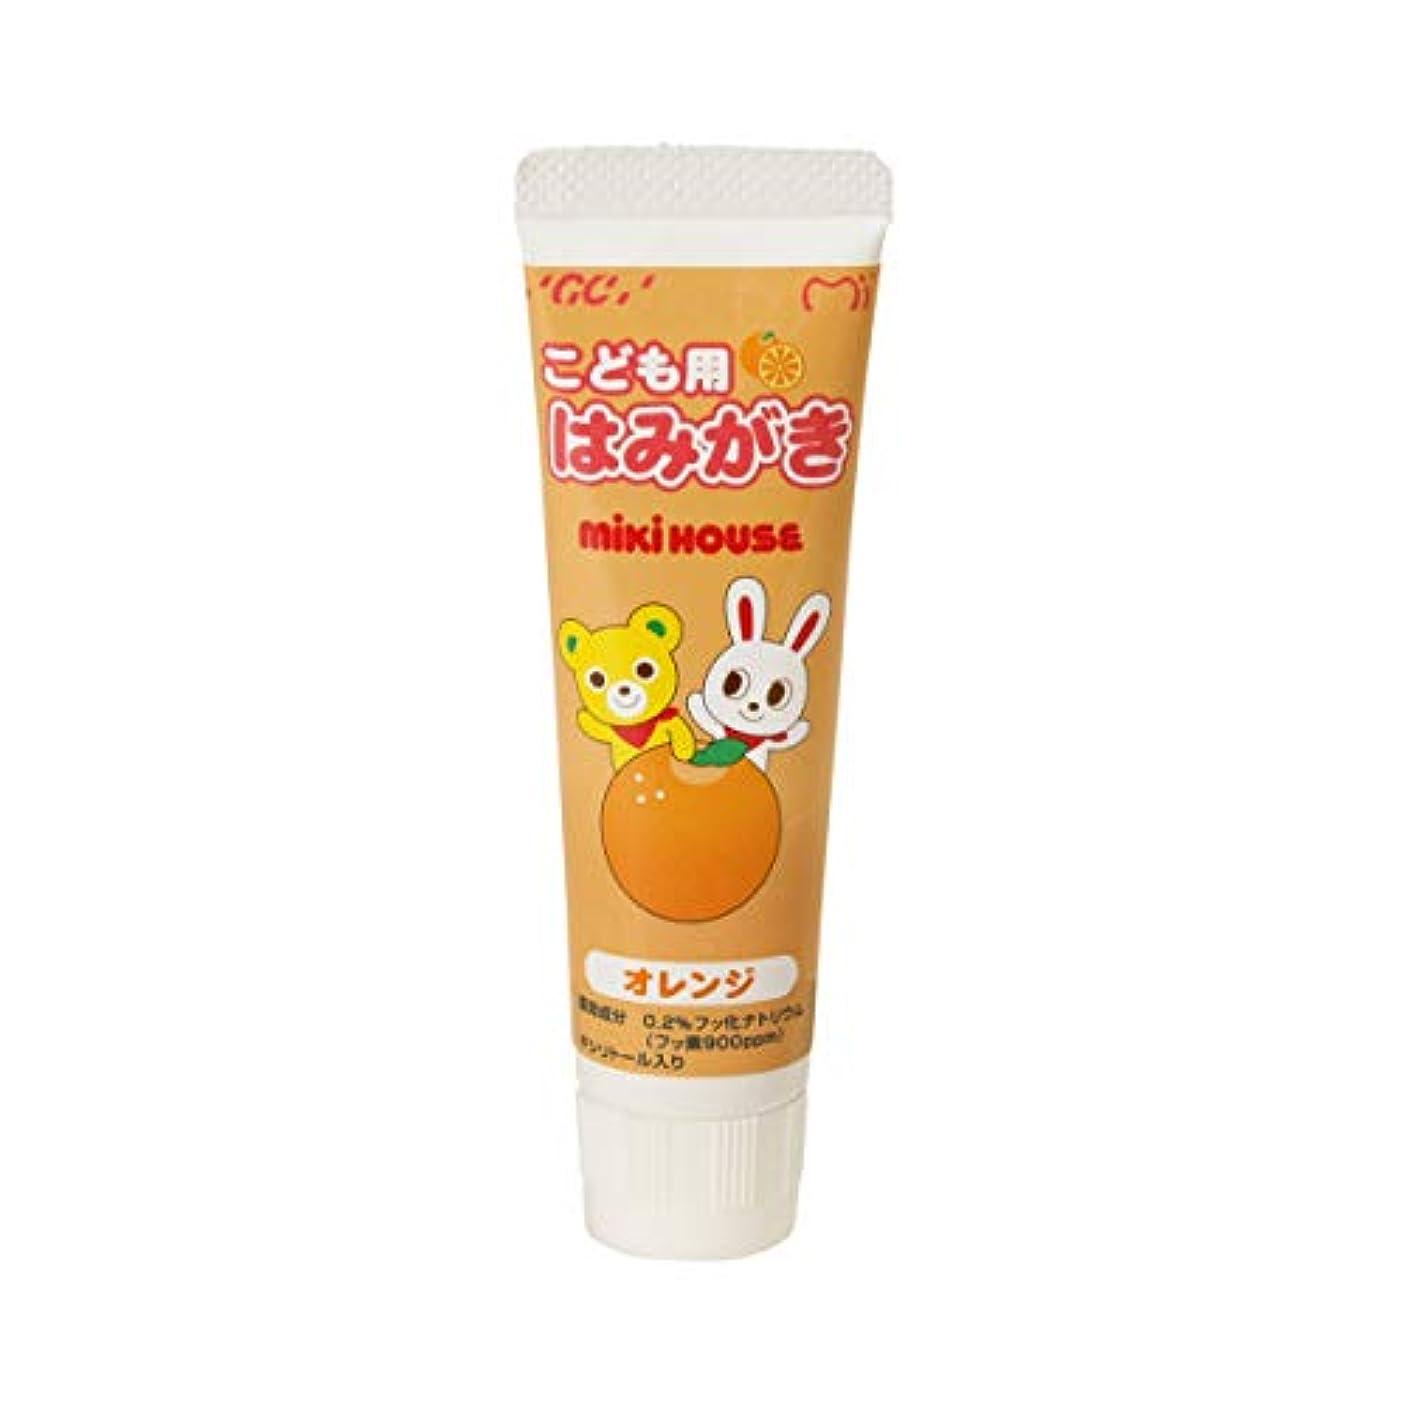 洗剤活性化偶然ミキハウス (MIKIHOUSE) 歯みがき 15-4065-676 - オレンジ